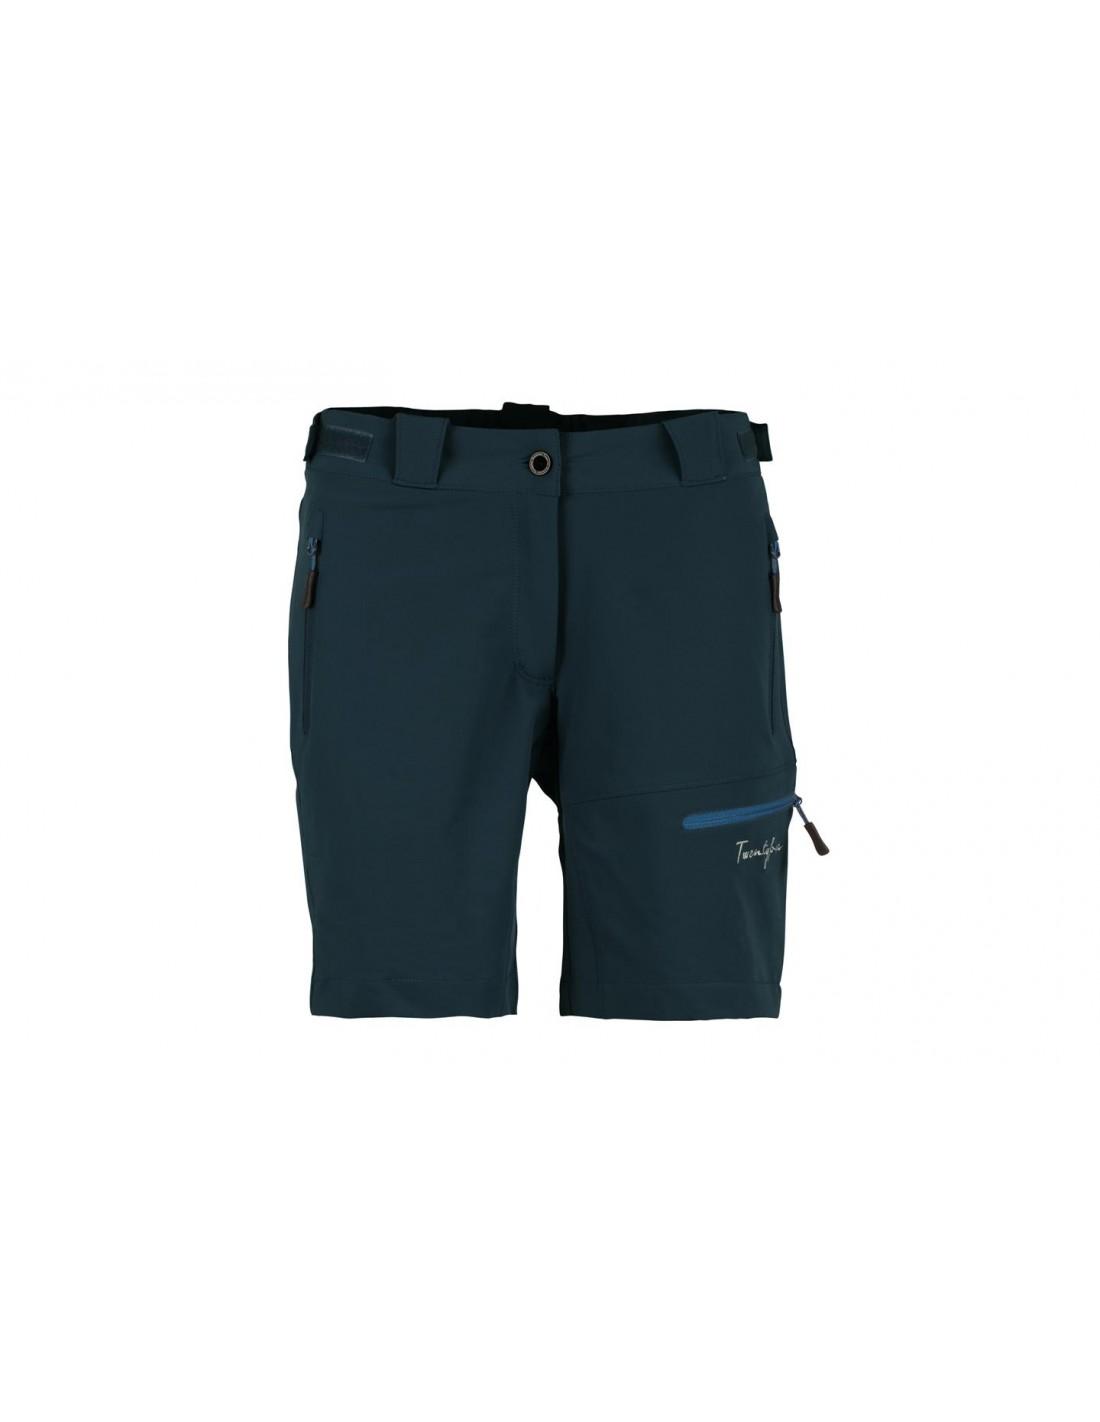 Twentyfour Inca LS Shorts Dame | SportsDeal